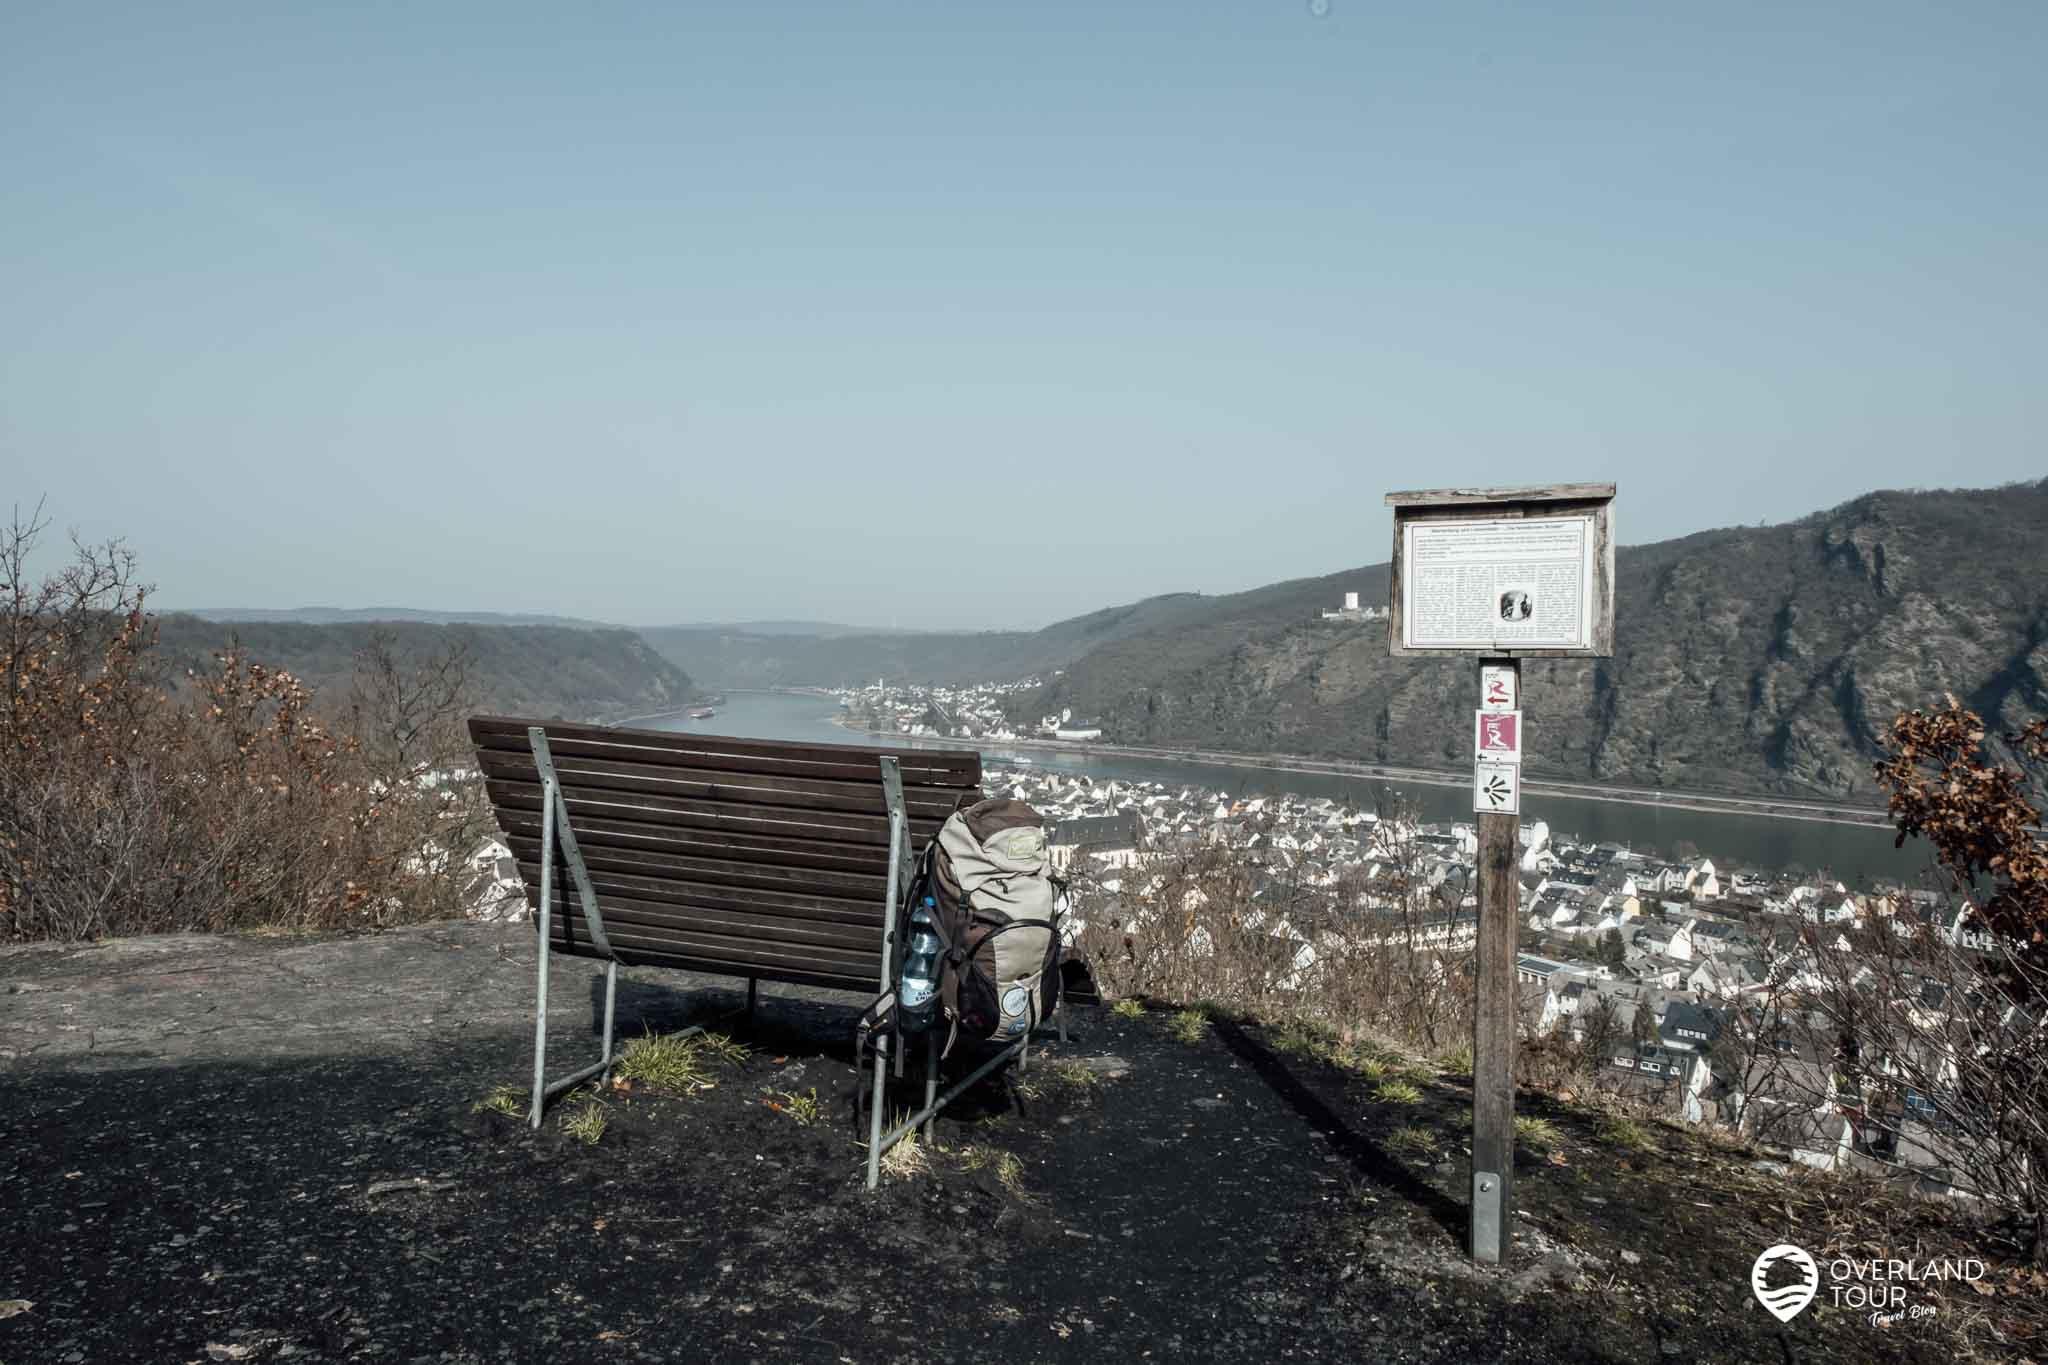 Wanderung Traumschleife Fünfseenblick: Der Aussichtspunkt am Köppchen nach Kilometer 1